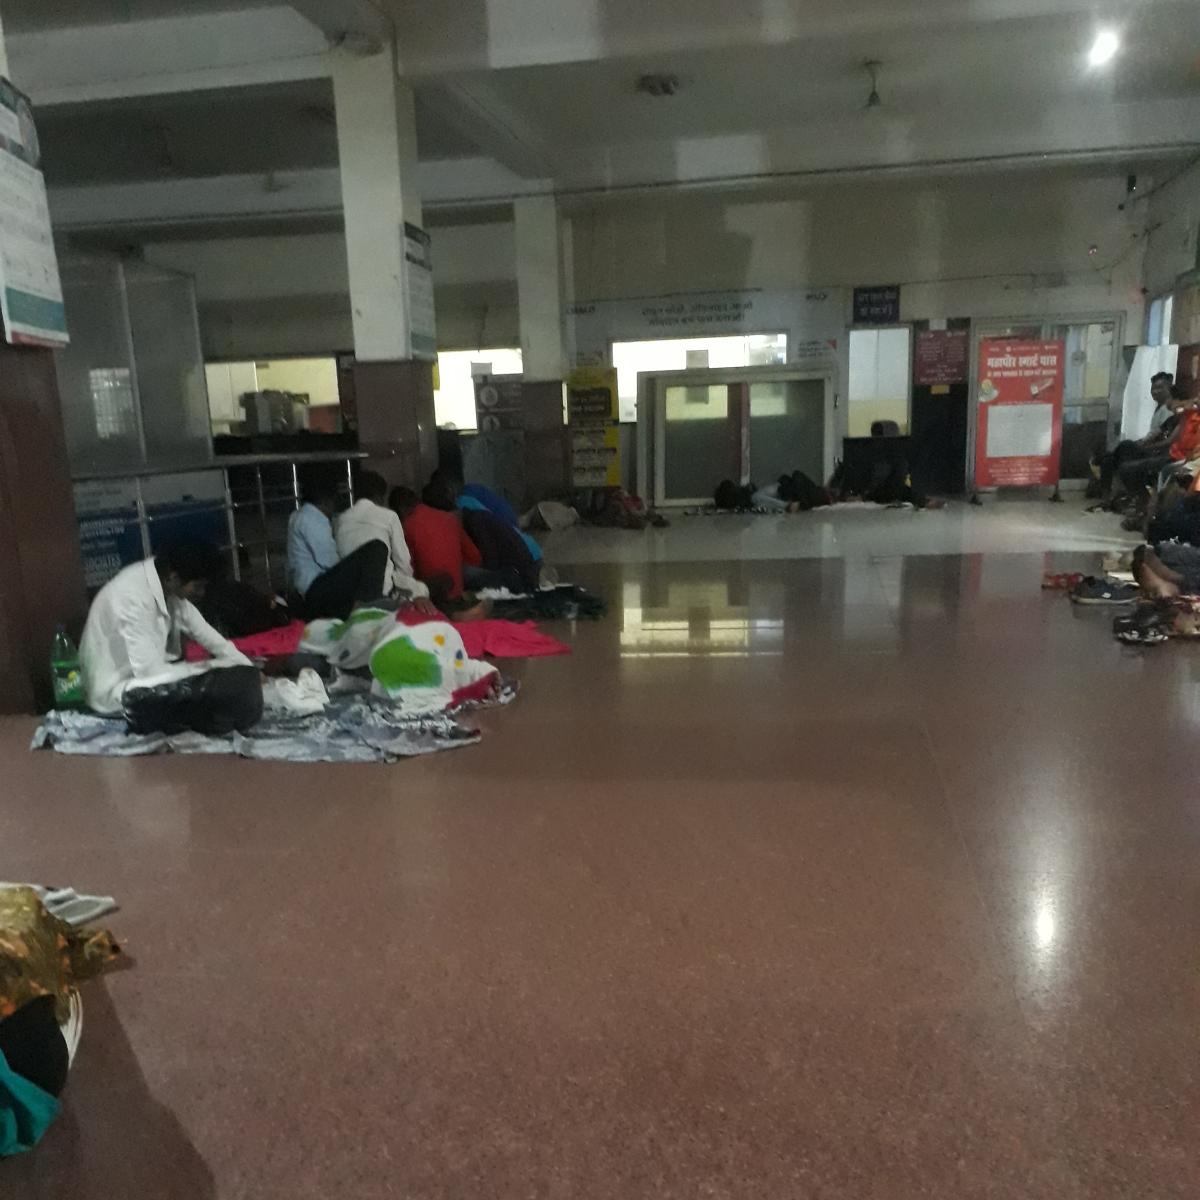 NEET 2020: Students, families sleep on floor amid Covid spread in Bhopal